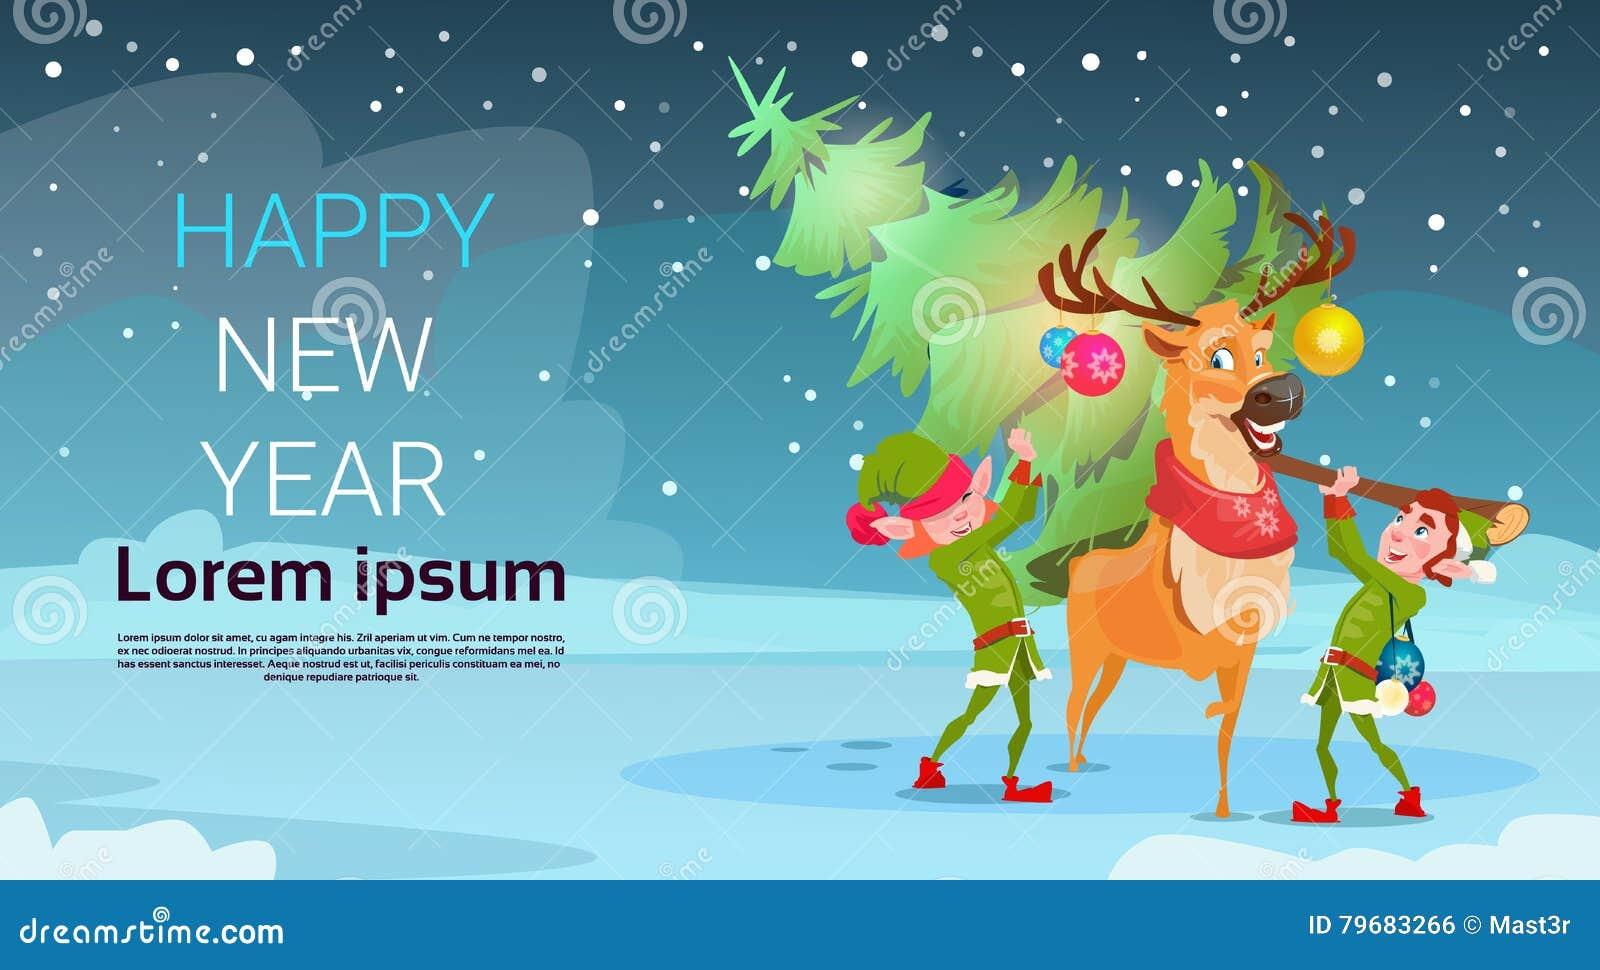 Weihnachtsgrüne Baum-Elfen-Ren-Gruß-Karten-Dekorations-guten Rutsch ...